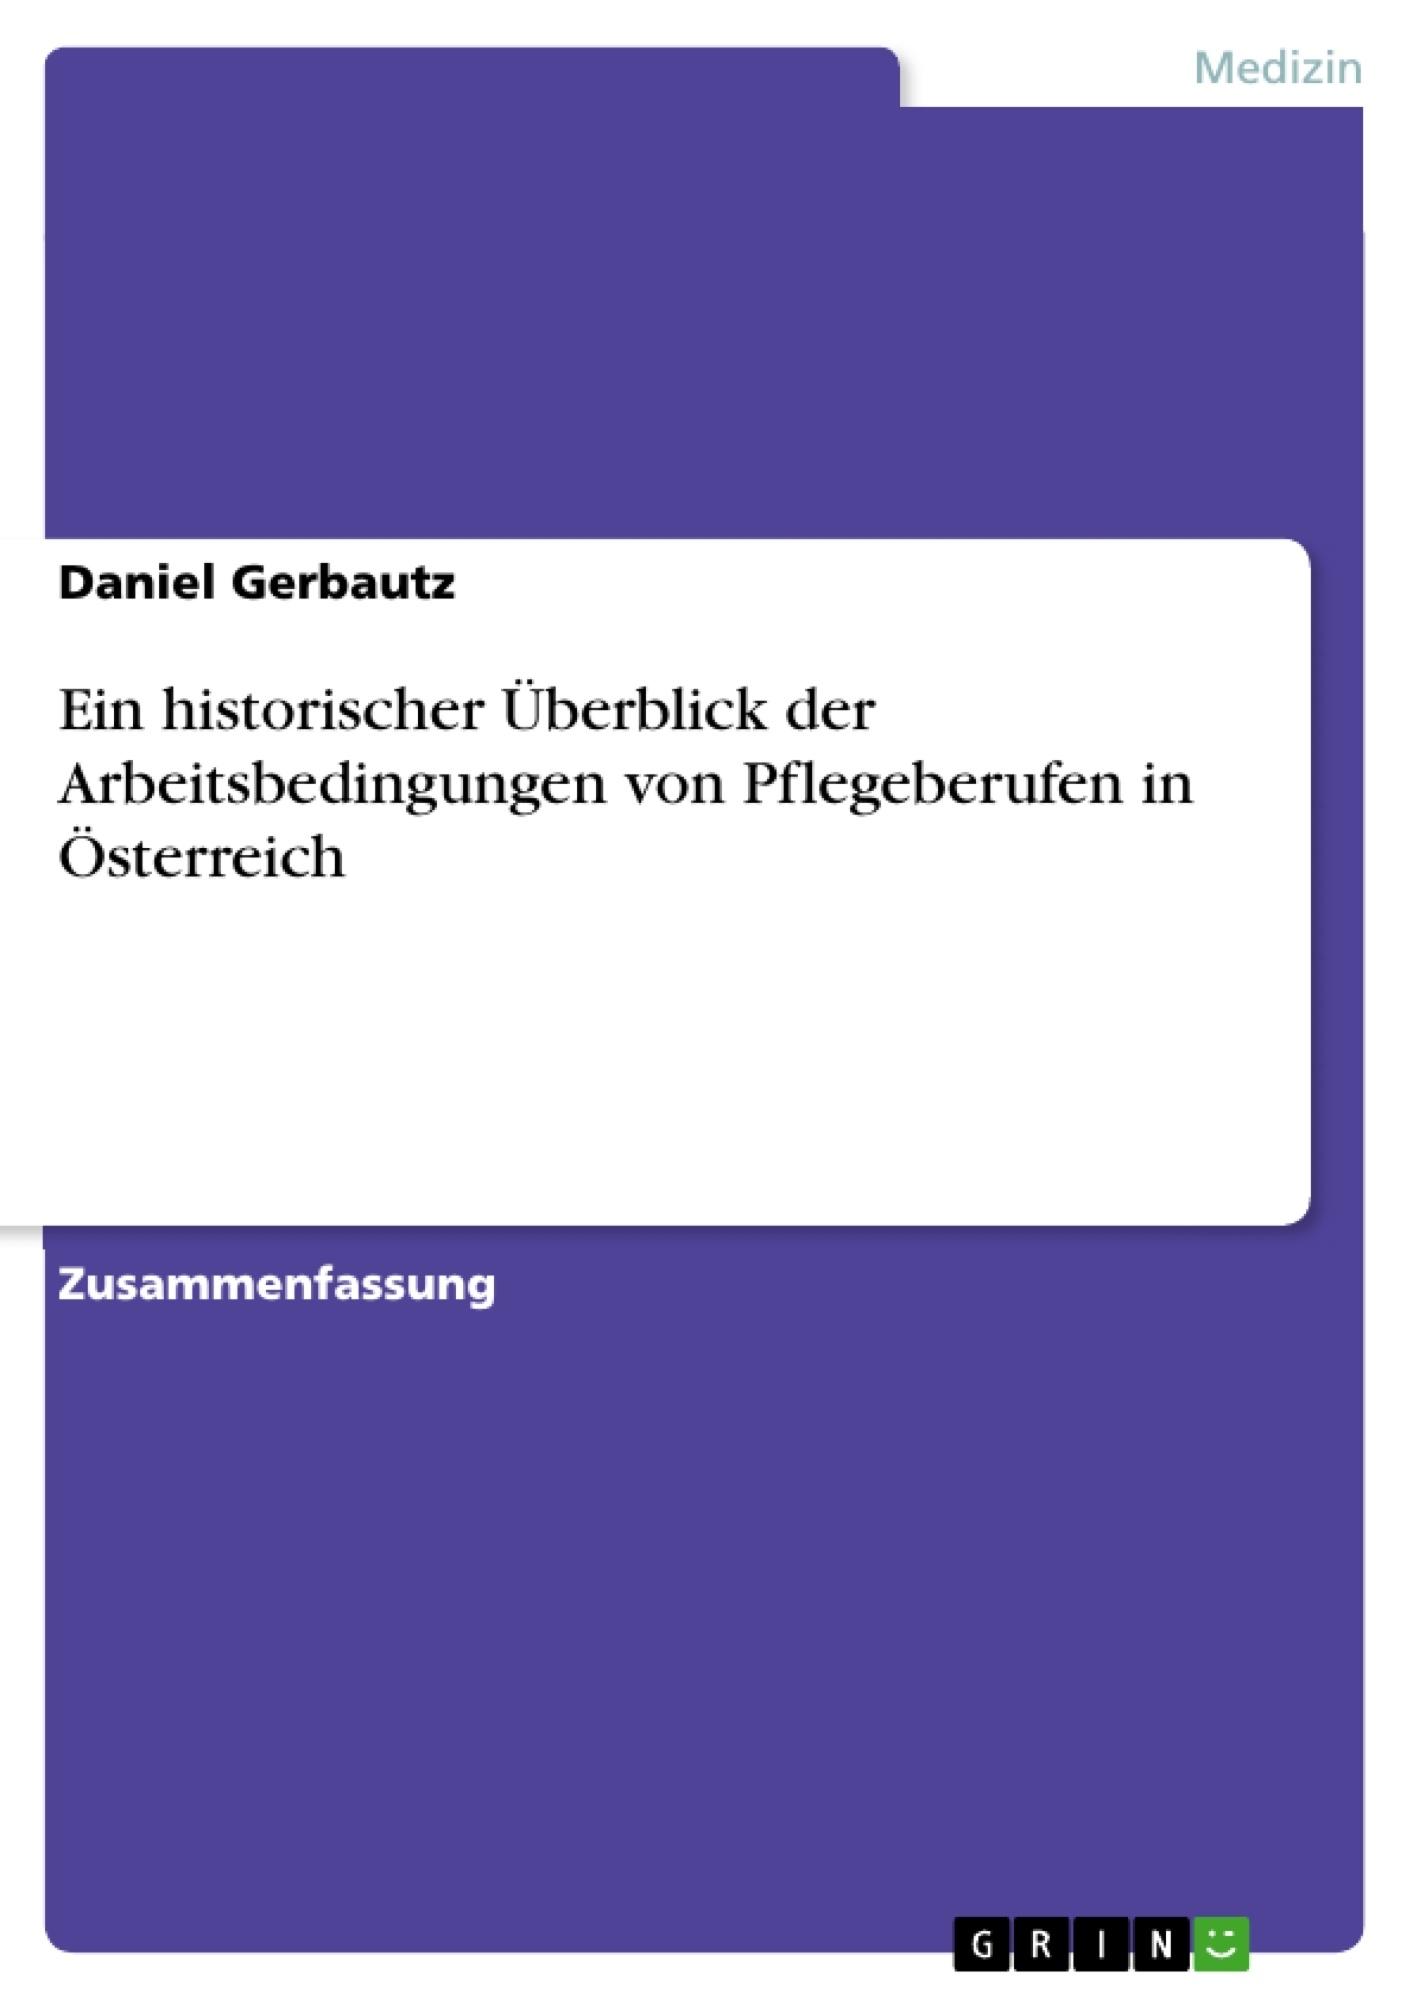 Titel: Ein historischer Überblick der Arbeitsbedingungen von Pflegeberufen in Österreich